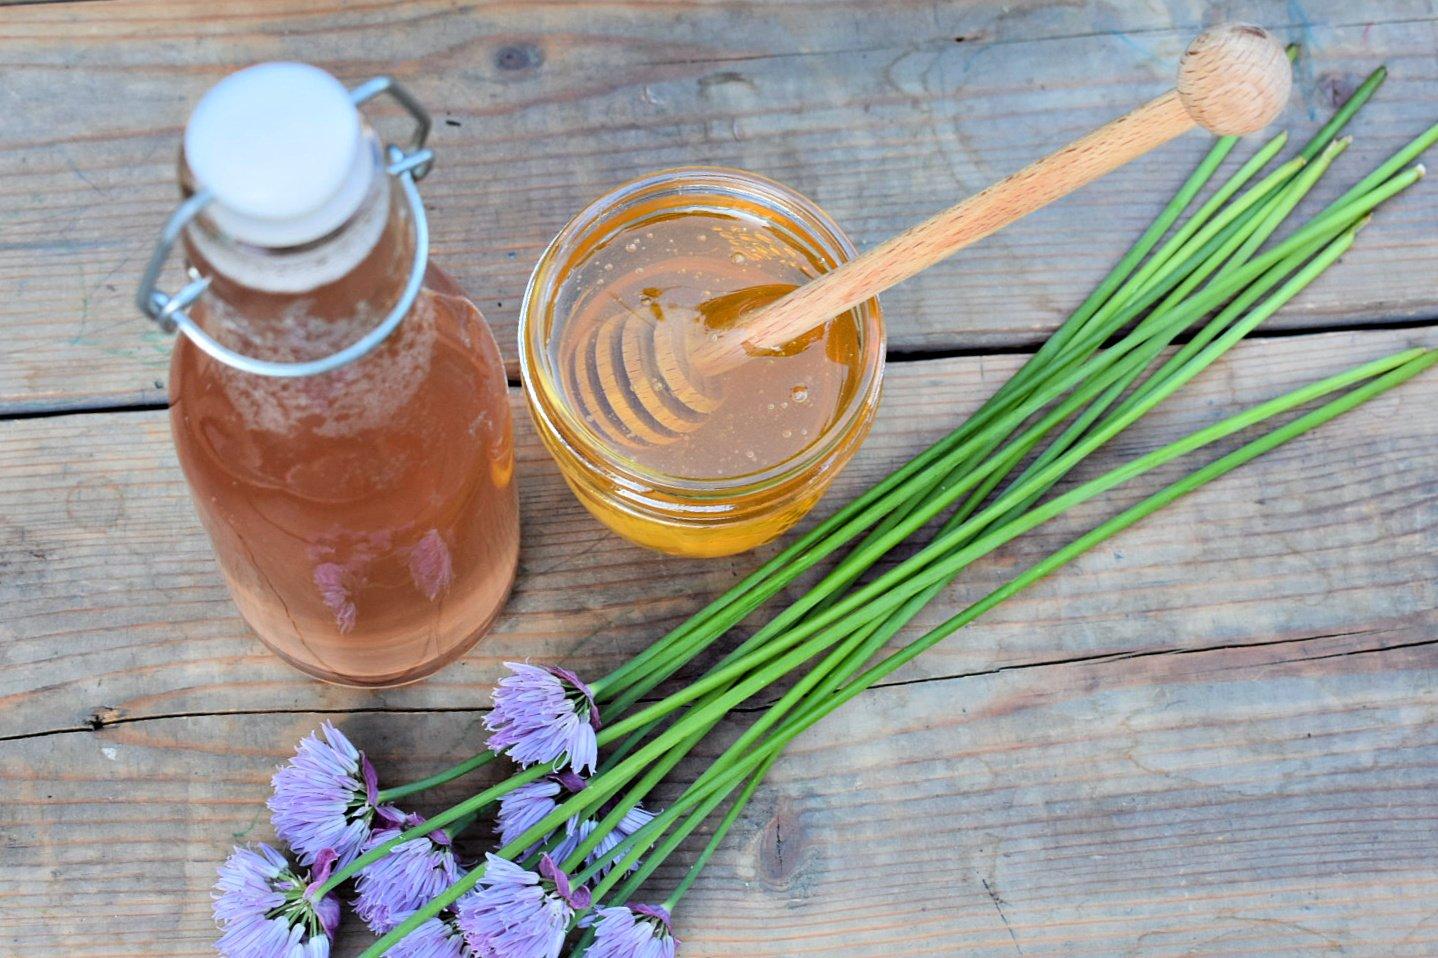 Honey & Chive Blossom Vinaigrette